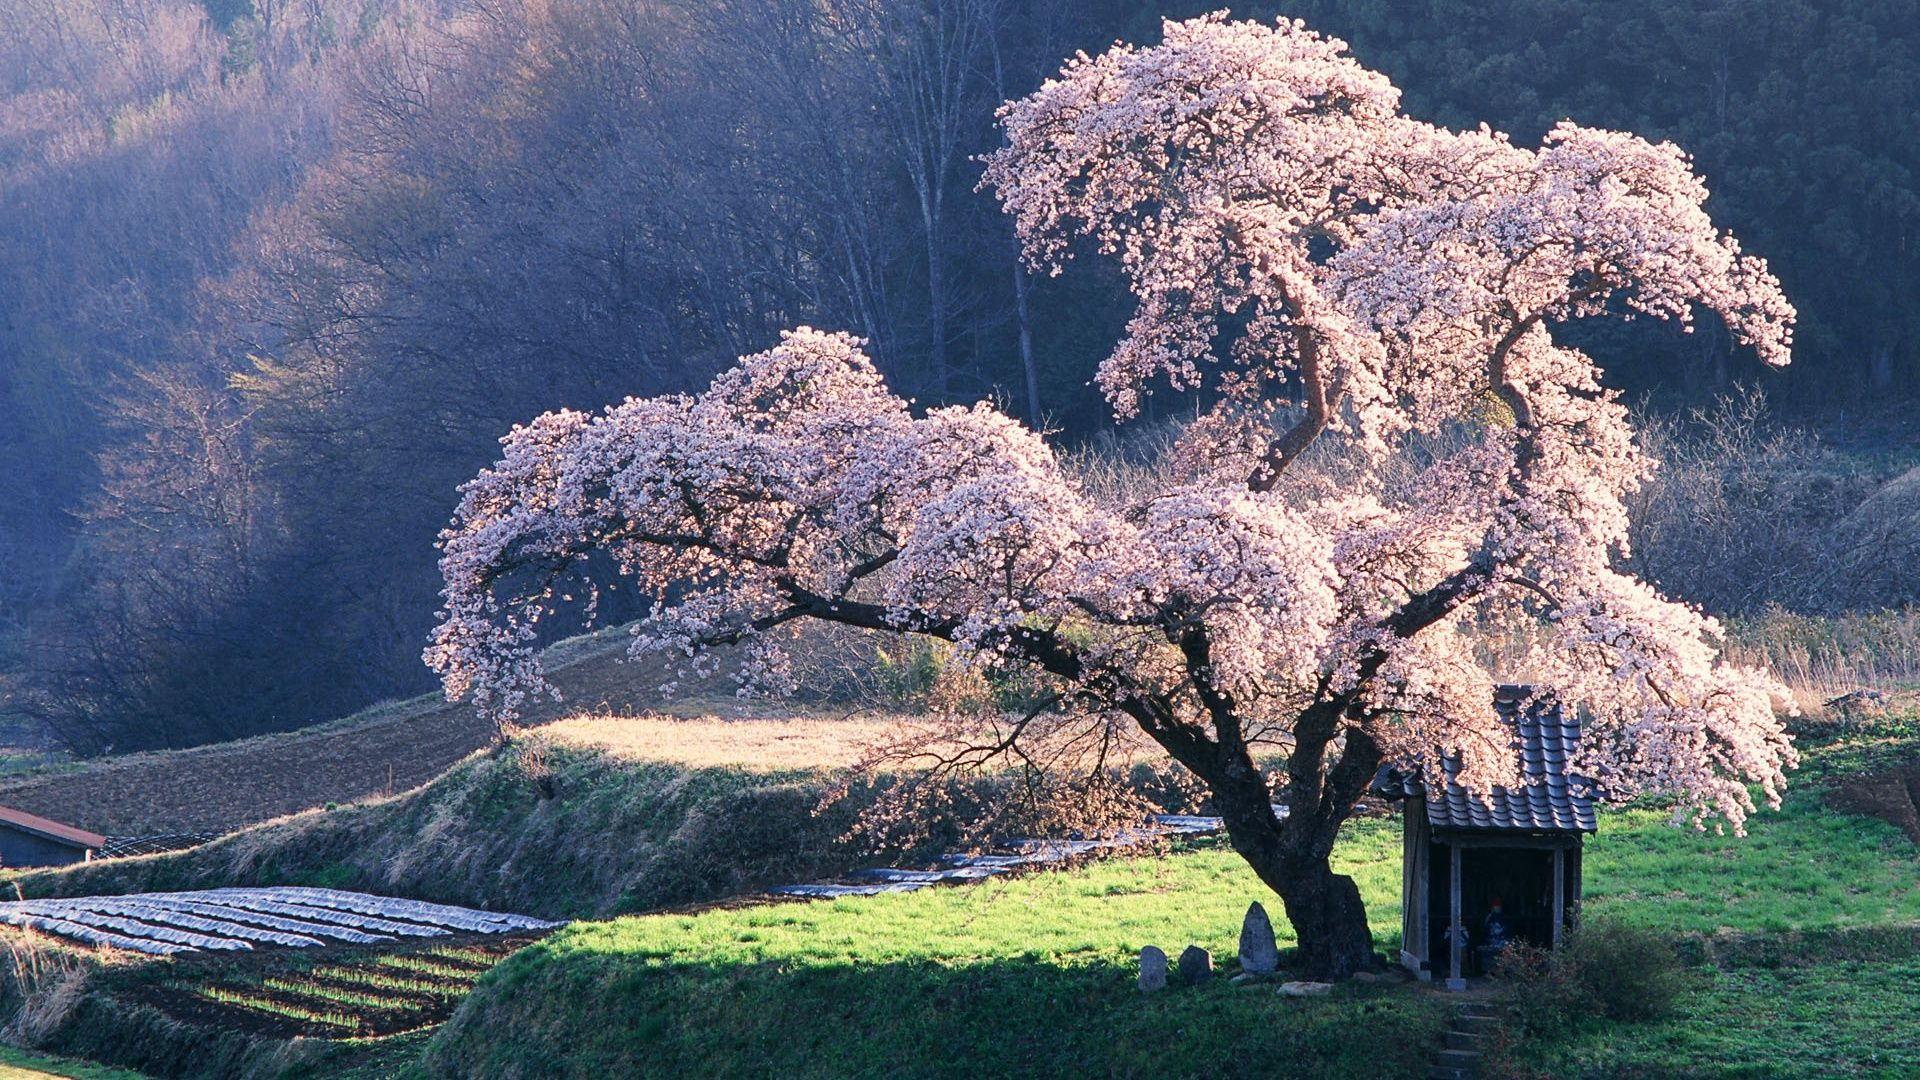 日本の風景 桜 壁紙 1920x1080 風景 美しい風景 日本 の 風景